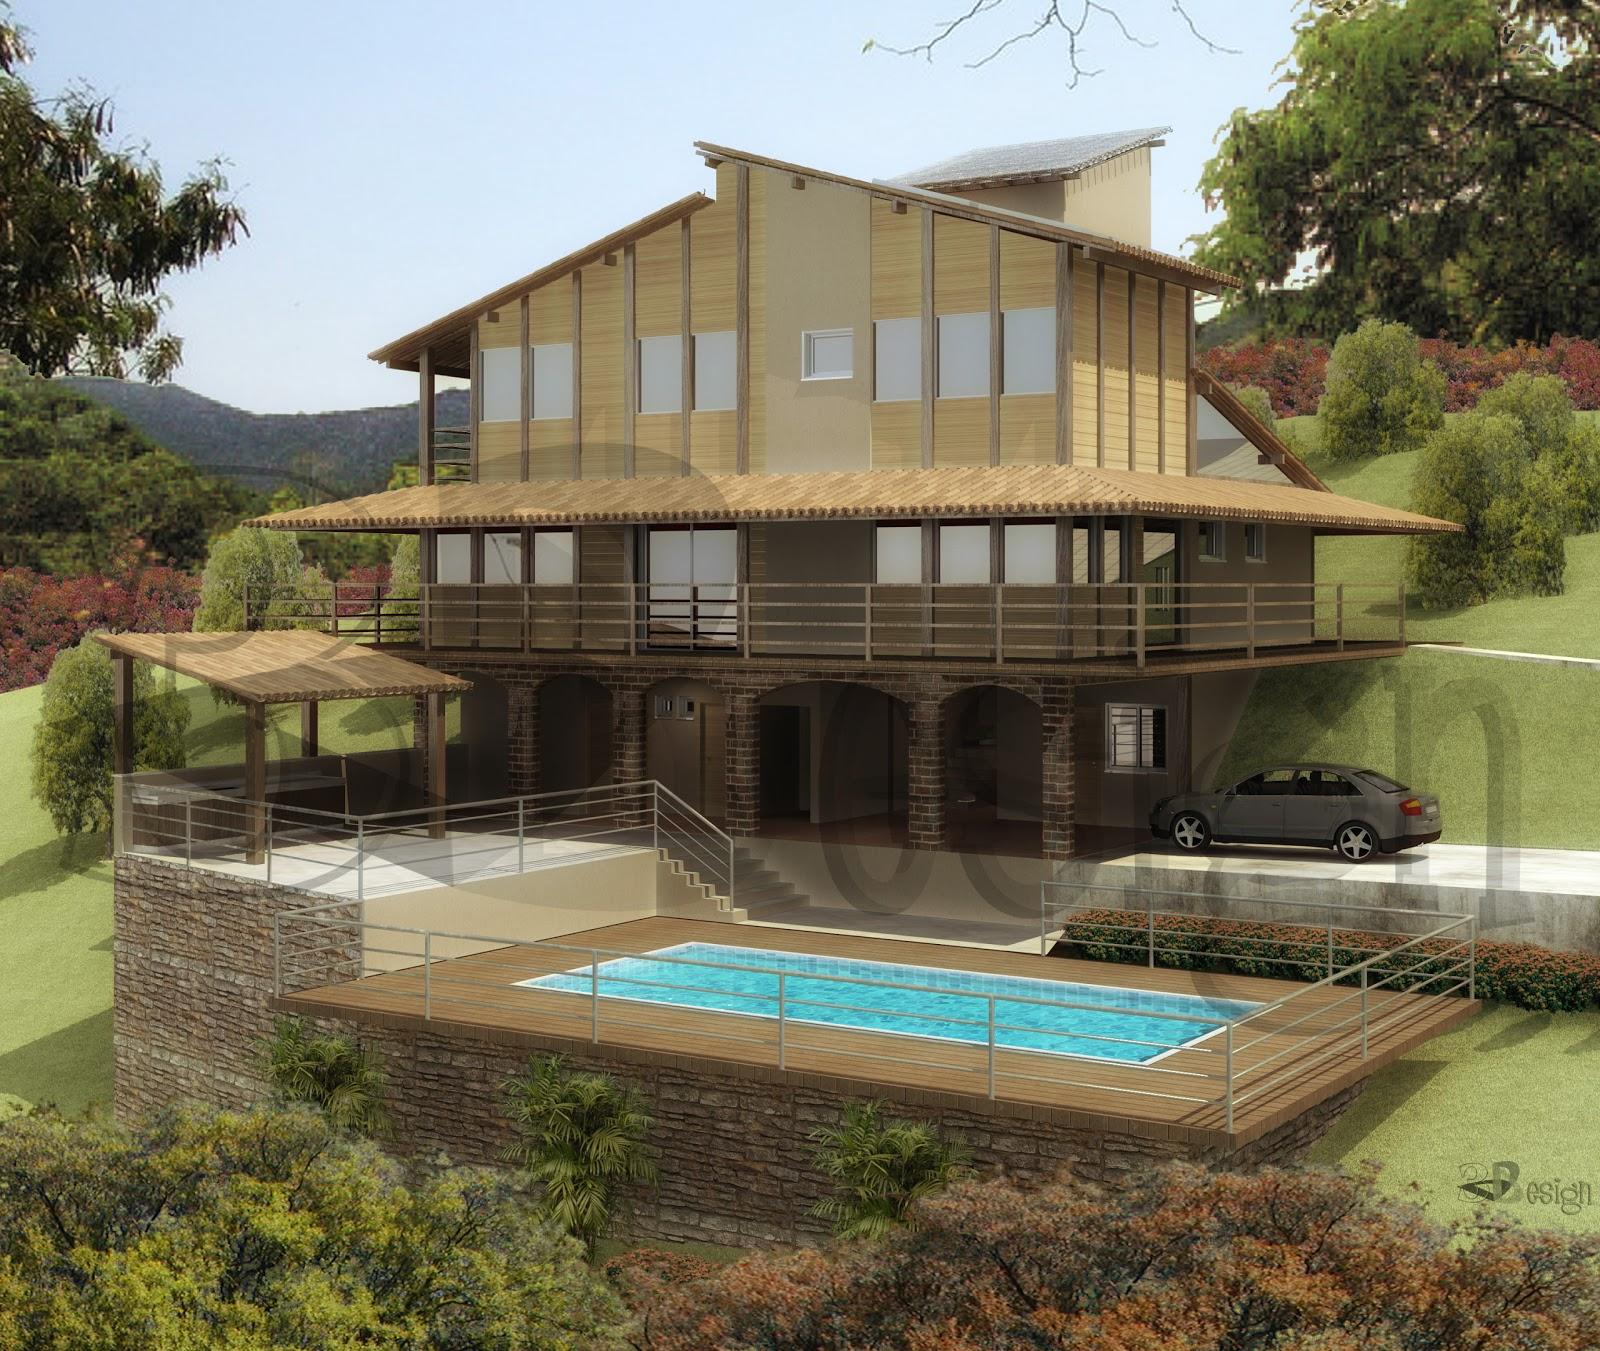 Fotos de casas de campo casas y fachadas holidays oo for Fachadas de casas modernas